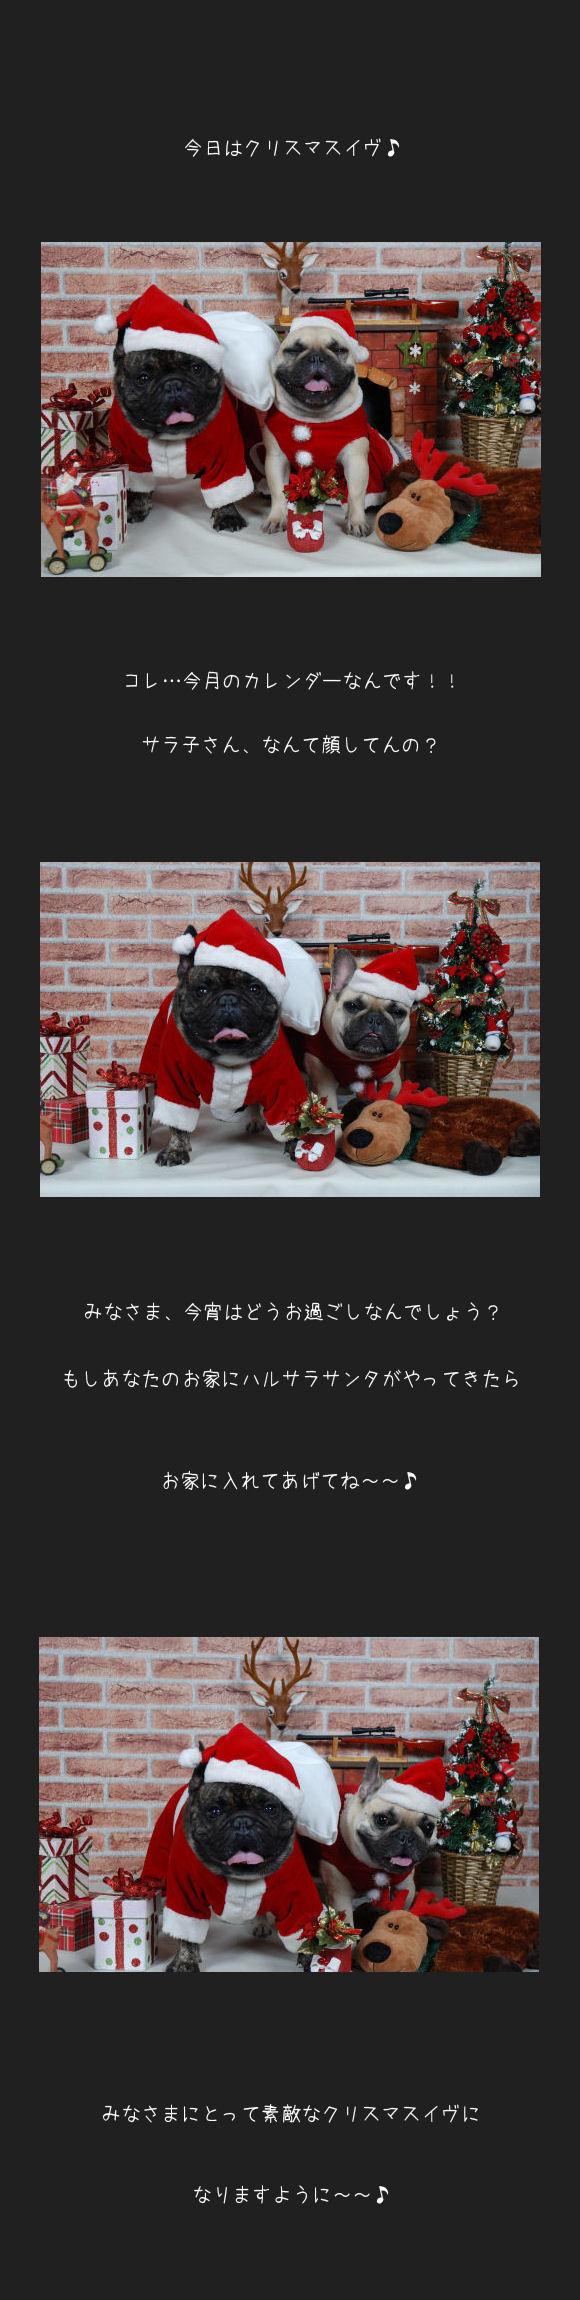 ハルサラのクリスマスイヴ♪